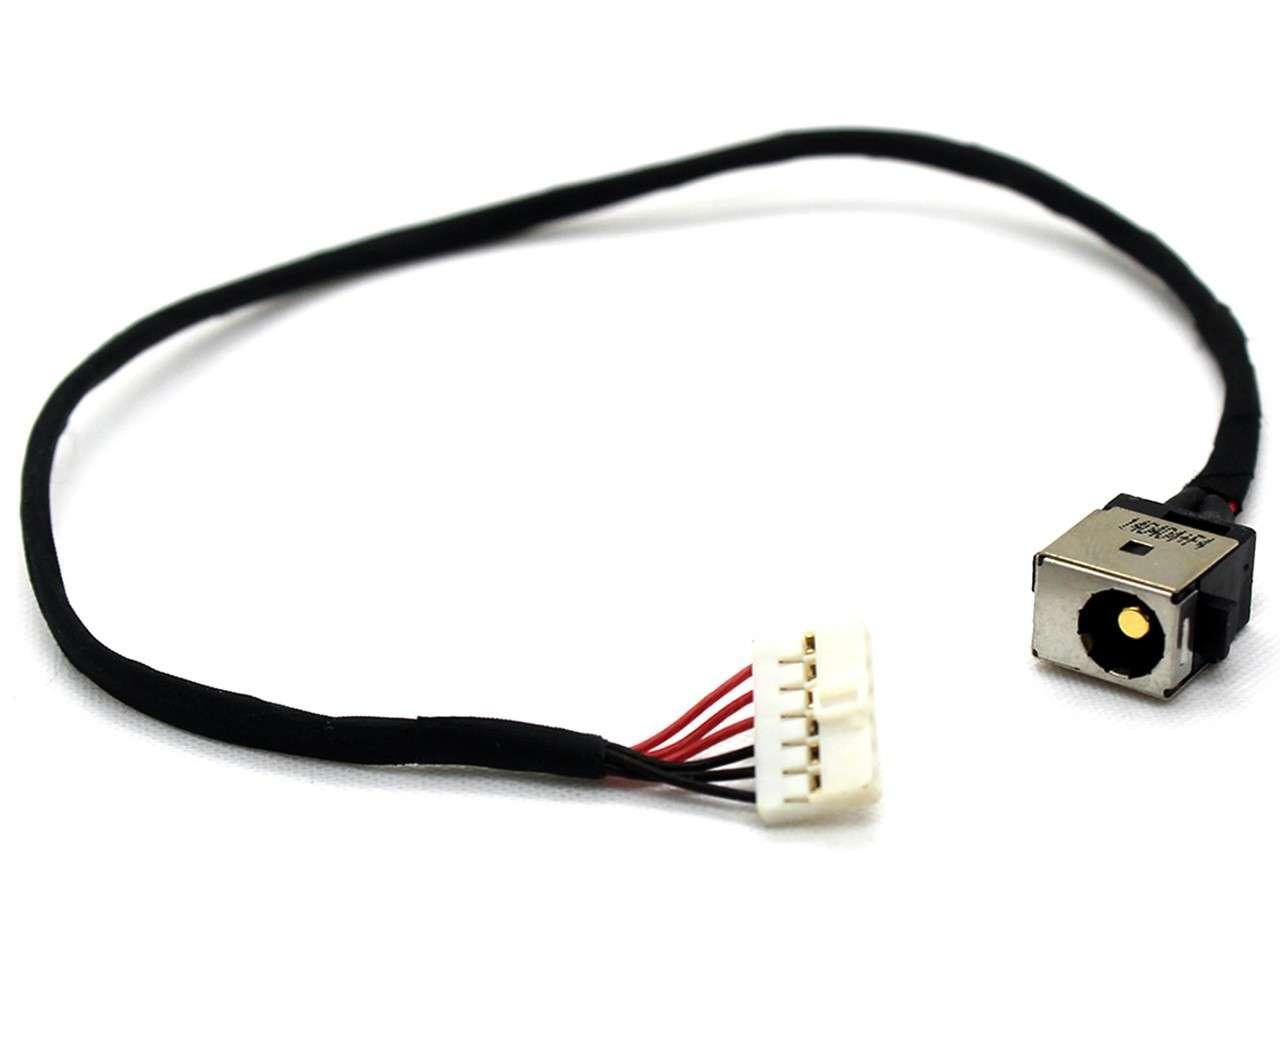 Mufa alimentare laptop Asus A56C cu fir imagine powerlaptop.ro 2021